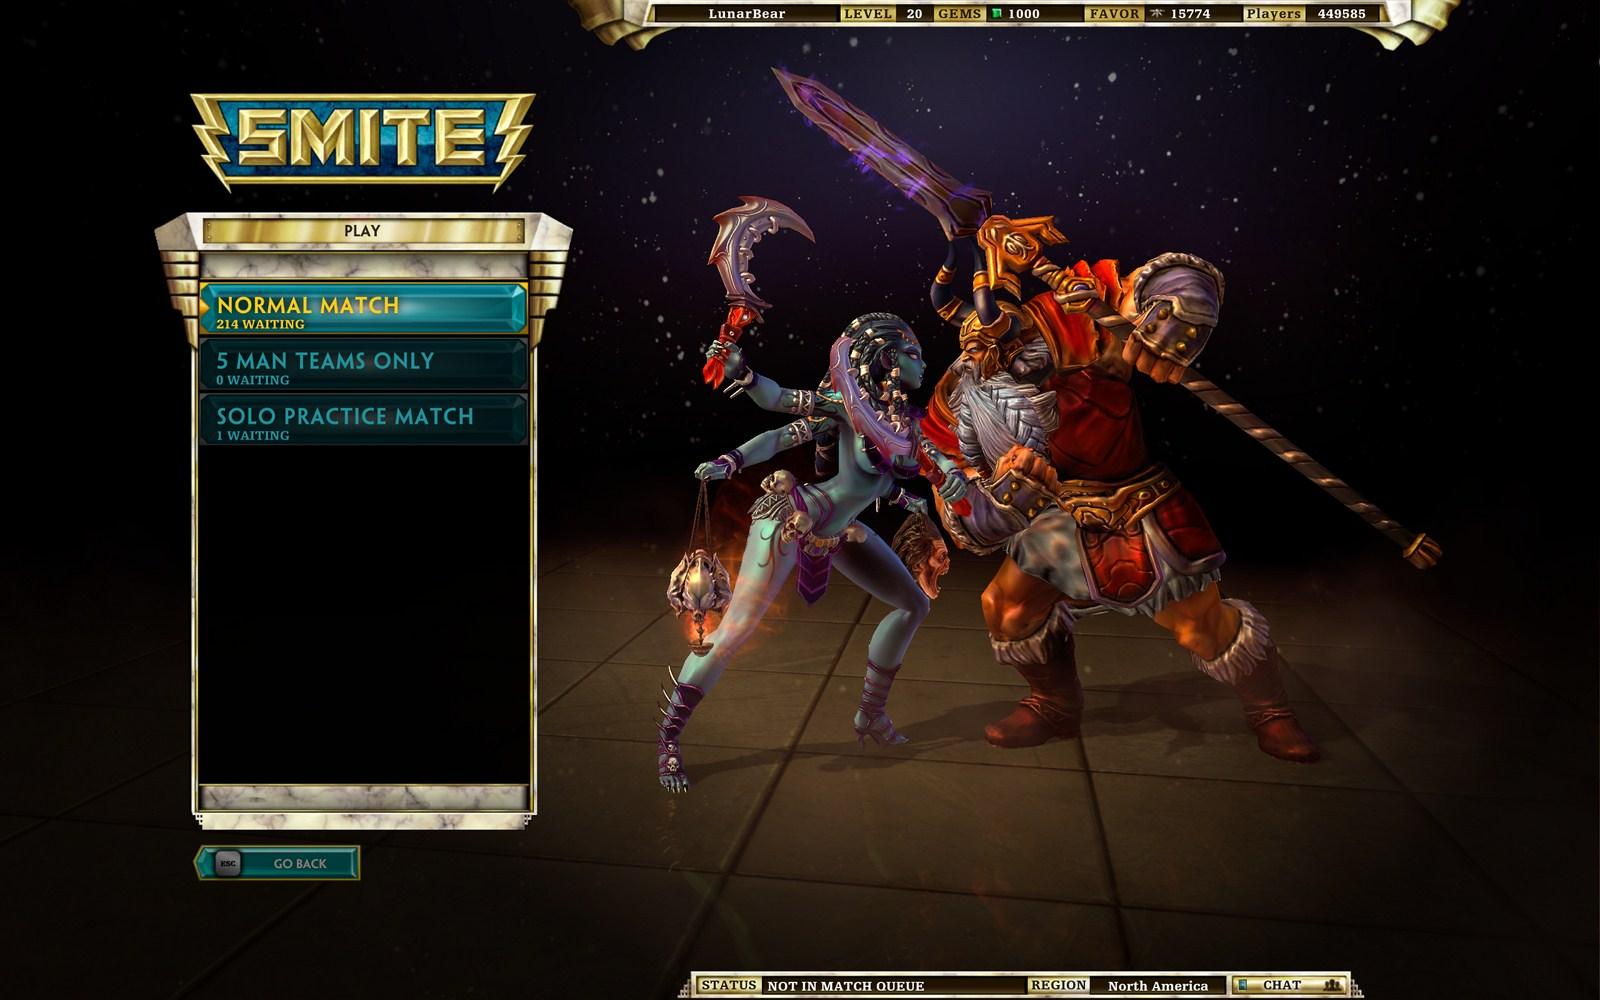 Le menu Play, où l'on choisit son type de partie, avec tout en haut le nom du compte, le niveau du joueur, les gemmes (monnaie IRL), la faveur (devise ingame) et le nombre de comptes actuels.